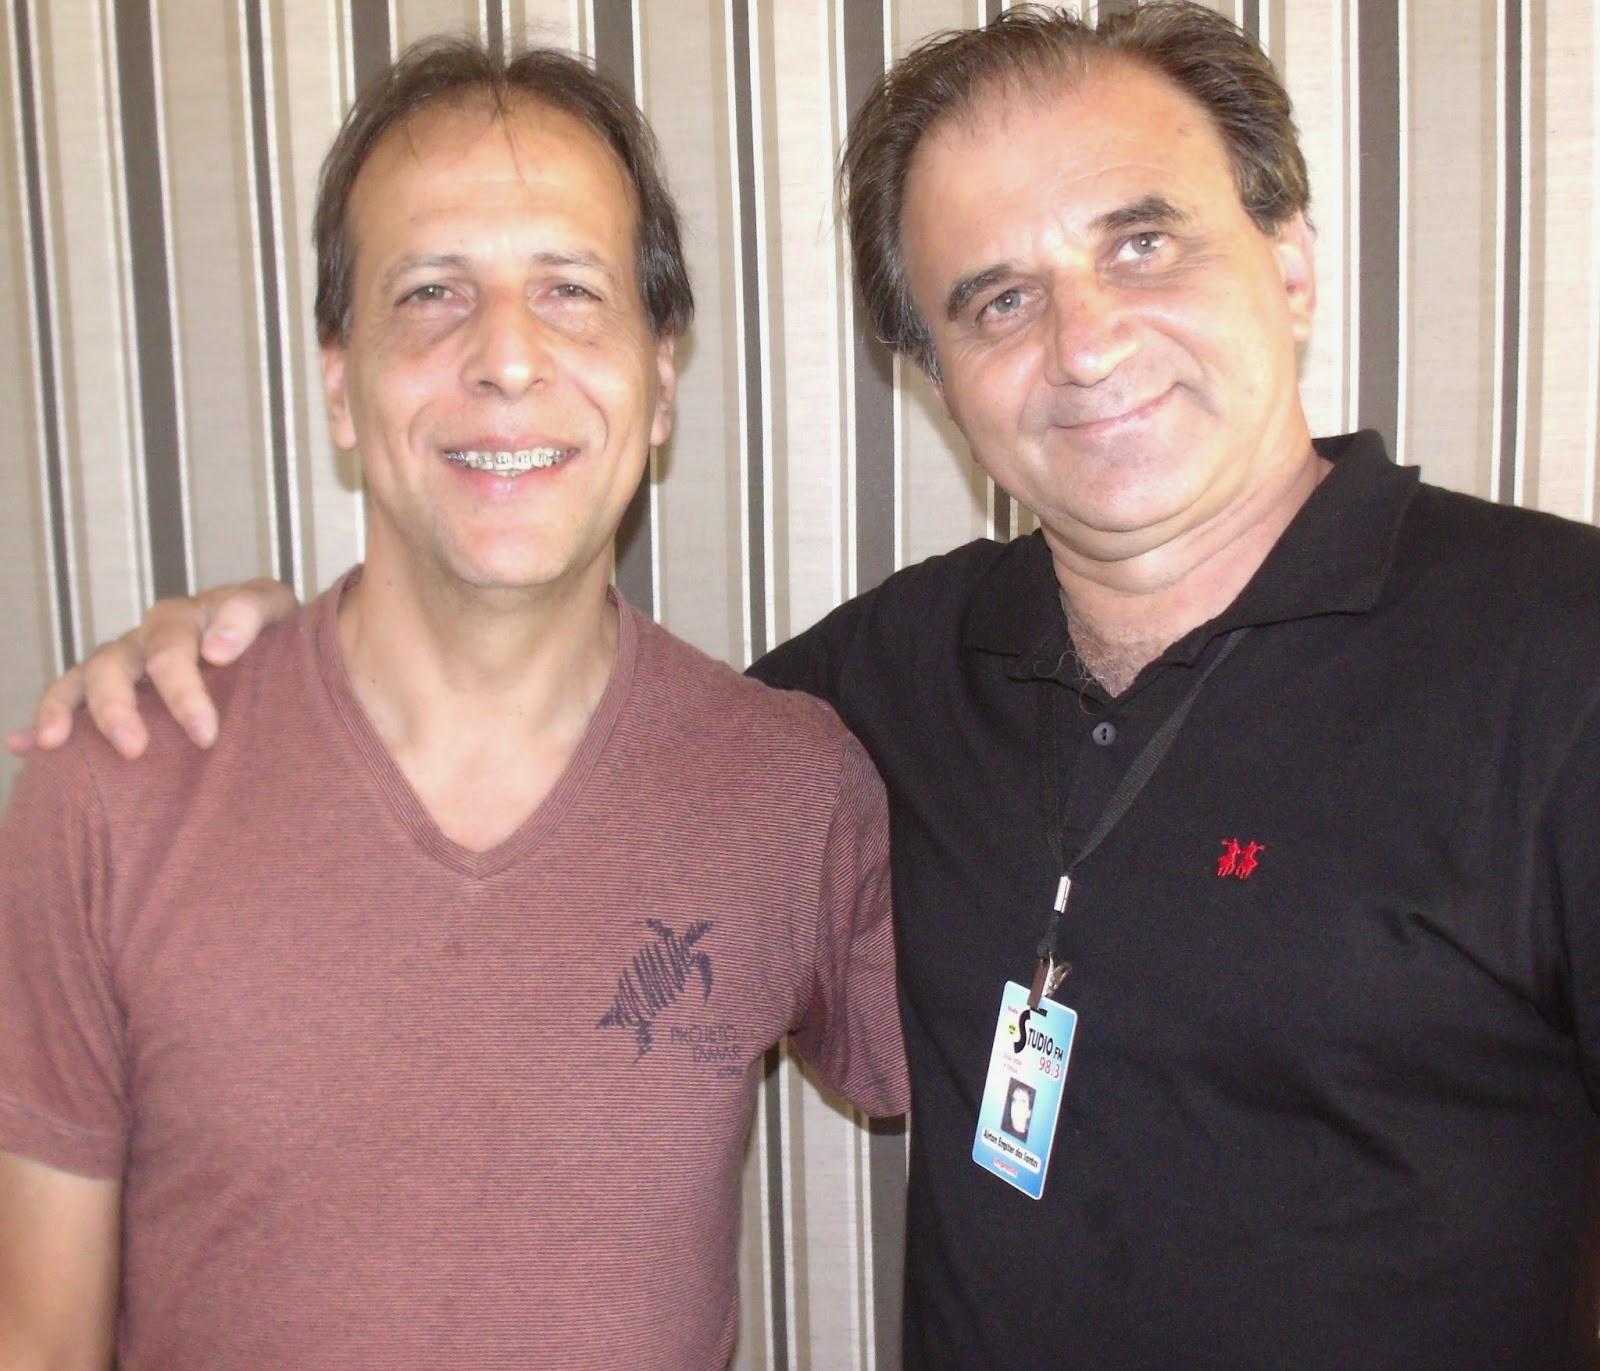 Airton Engster dos Santos e Deraldo Goulart